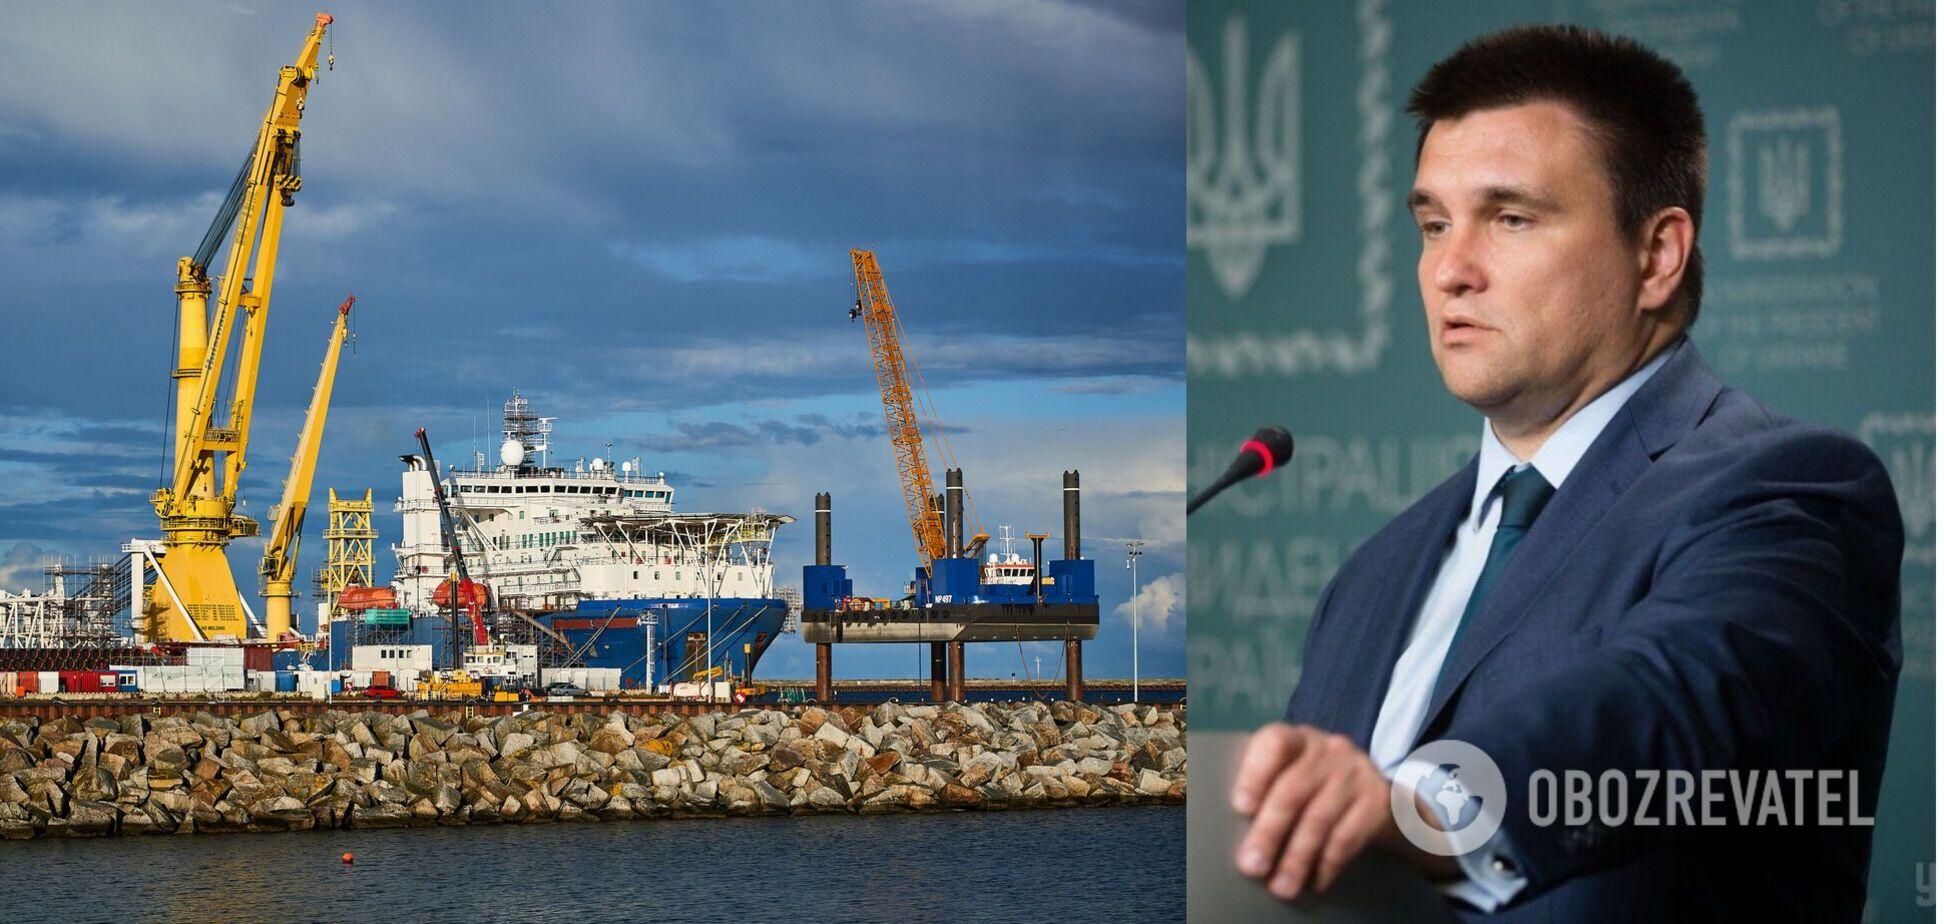 Клімкін – про скасування США санкцій проти 'ПП-2': це був удар під дихало Україні, у Кремля розв'язані руки